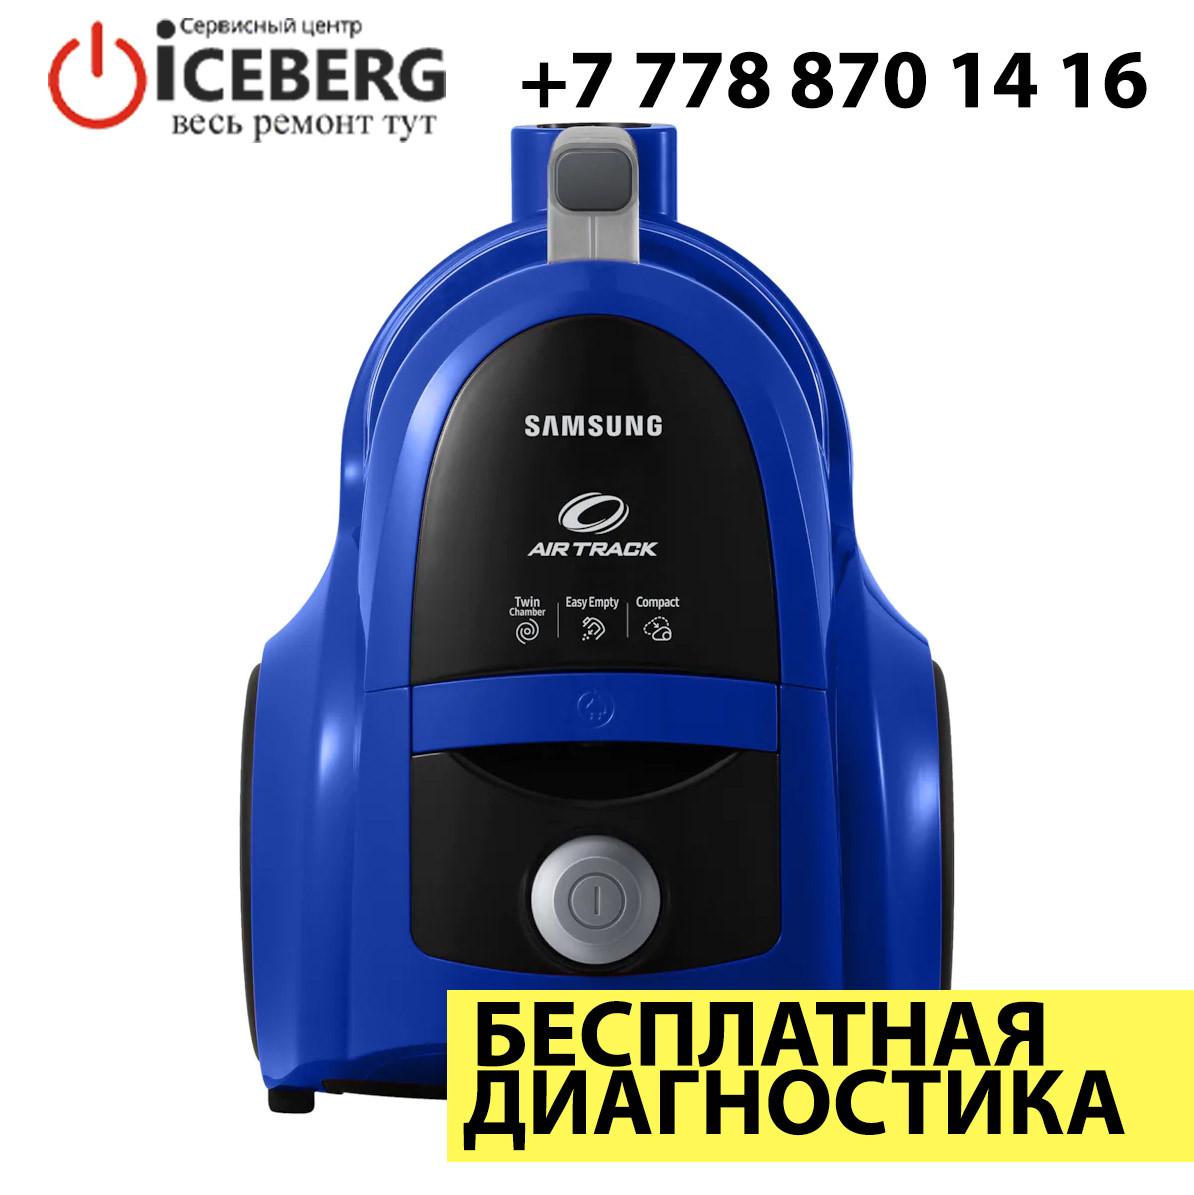 Ремонт и чистка пылесосов Samsung